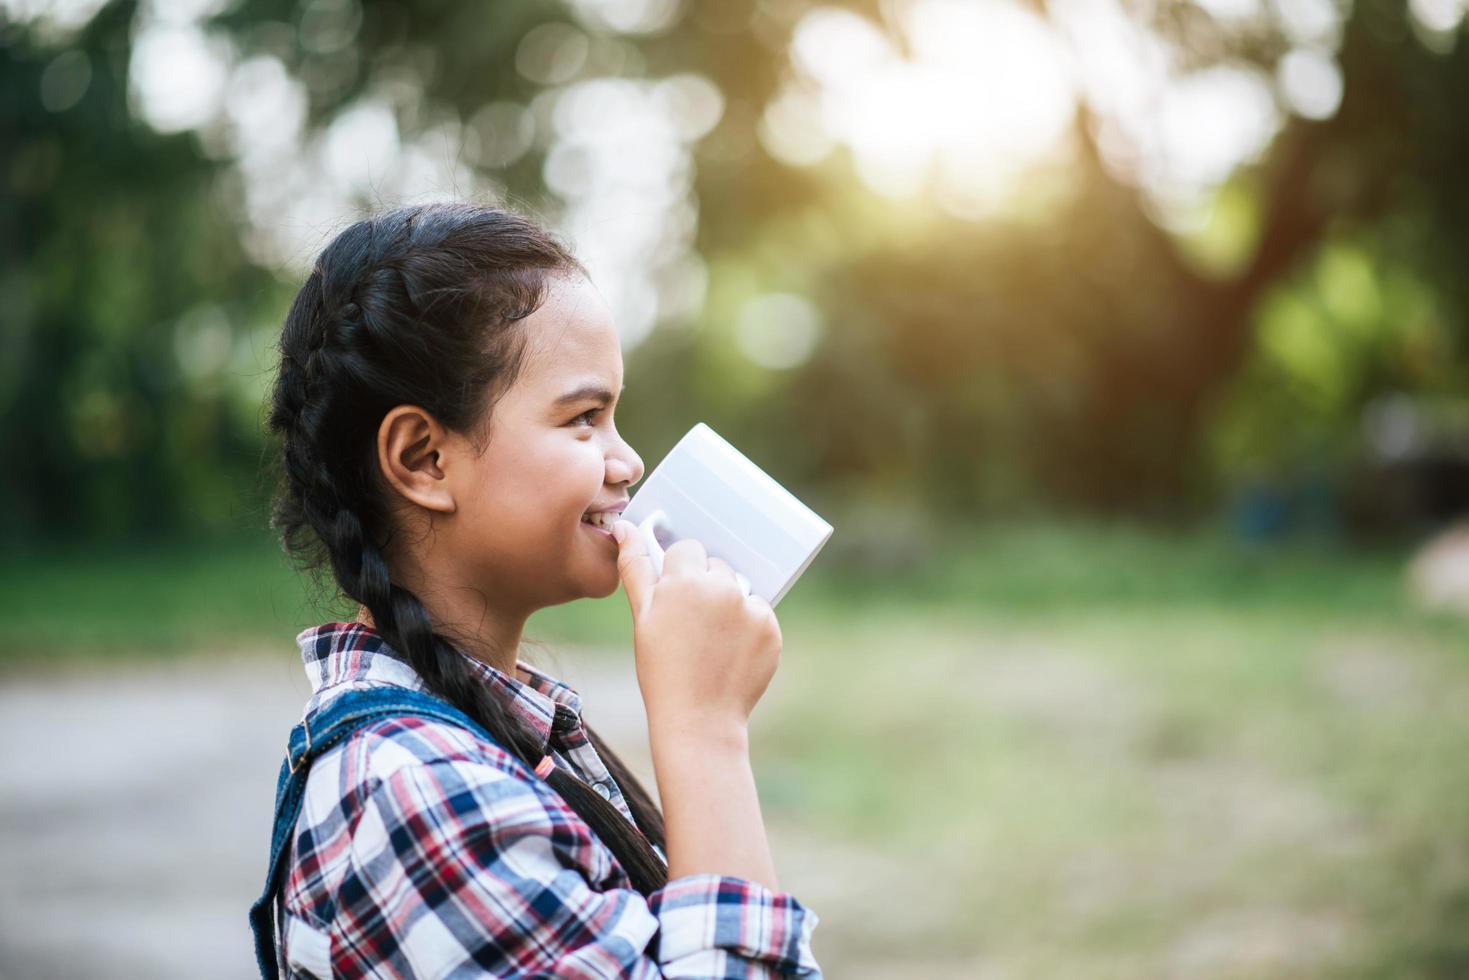 ragazza che beve latte dalla tazza foto